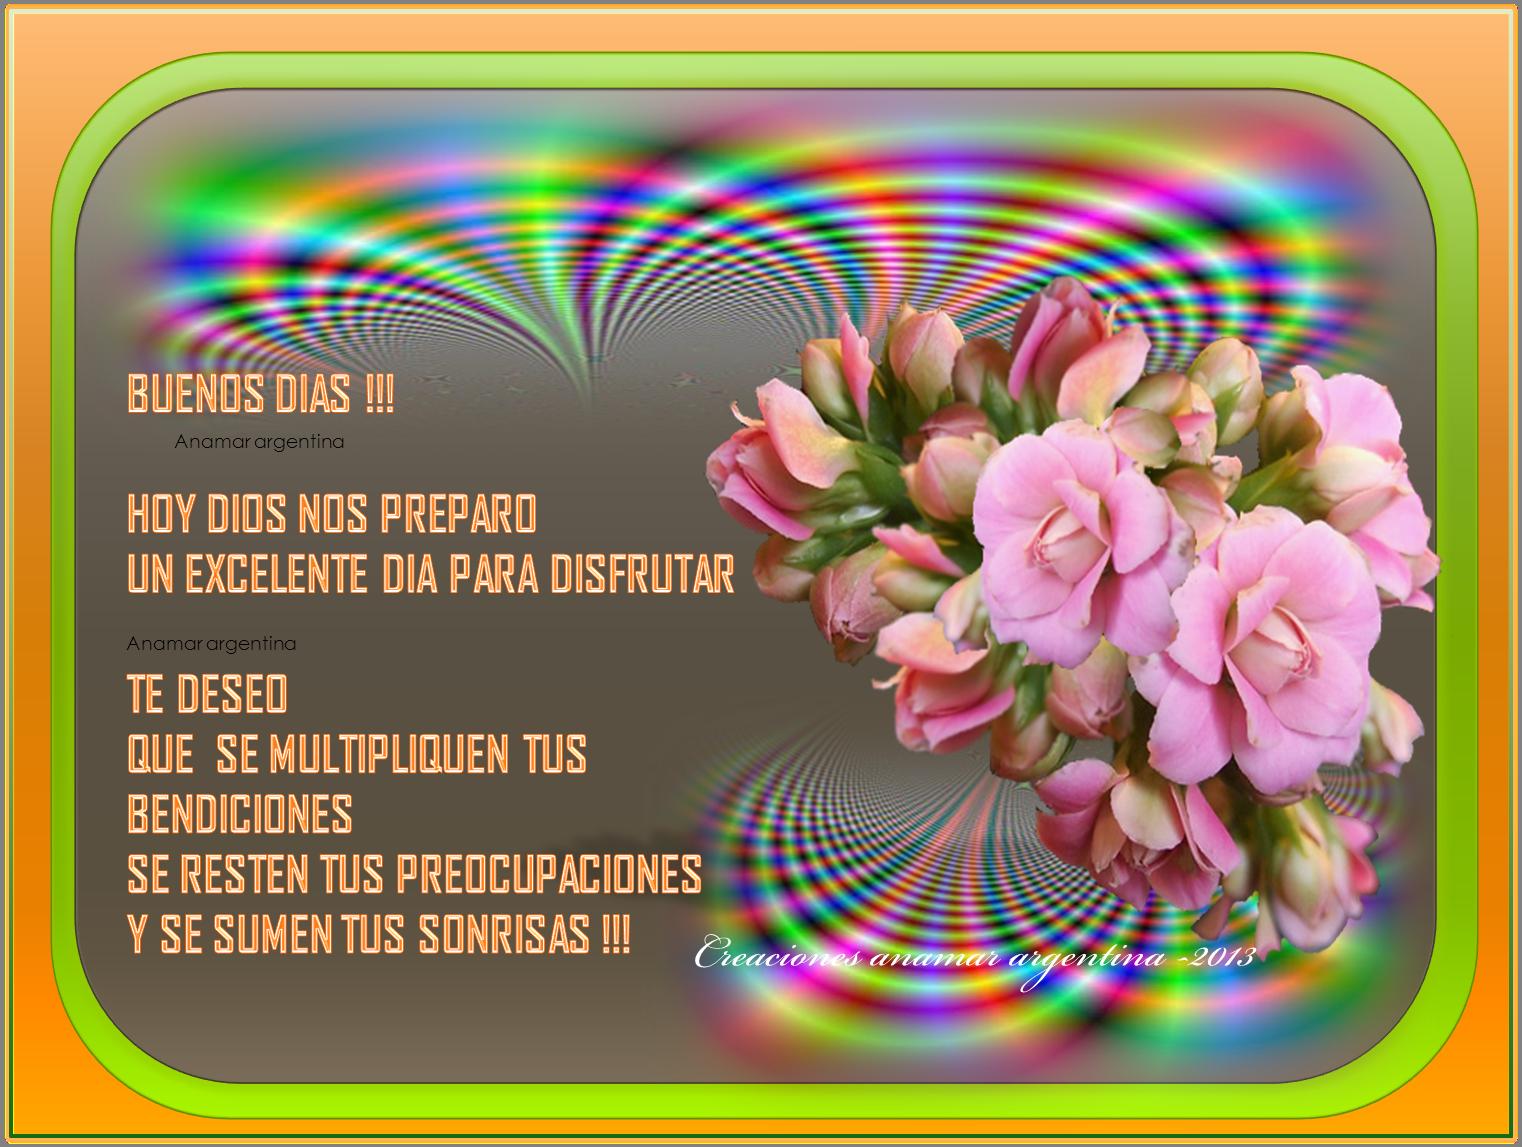 https://paulac555.files.wordpress.com/2013/08/imagenes-con-pensamientos-positivos-motivadores-buenos-dias-90-creaciones-anamar-argentina-2013.png